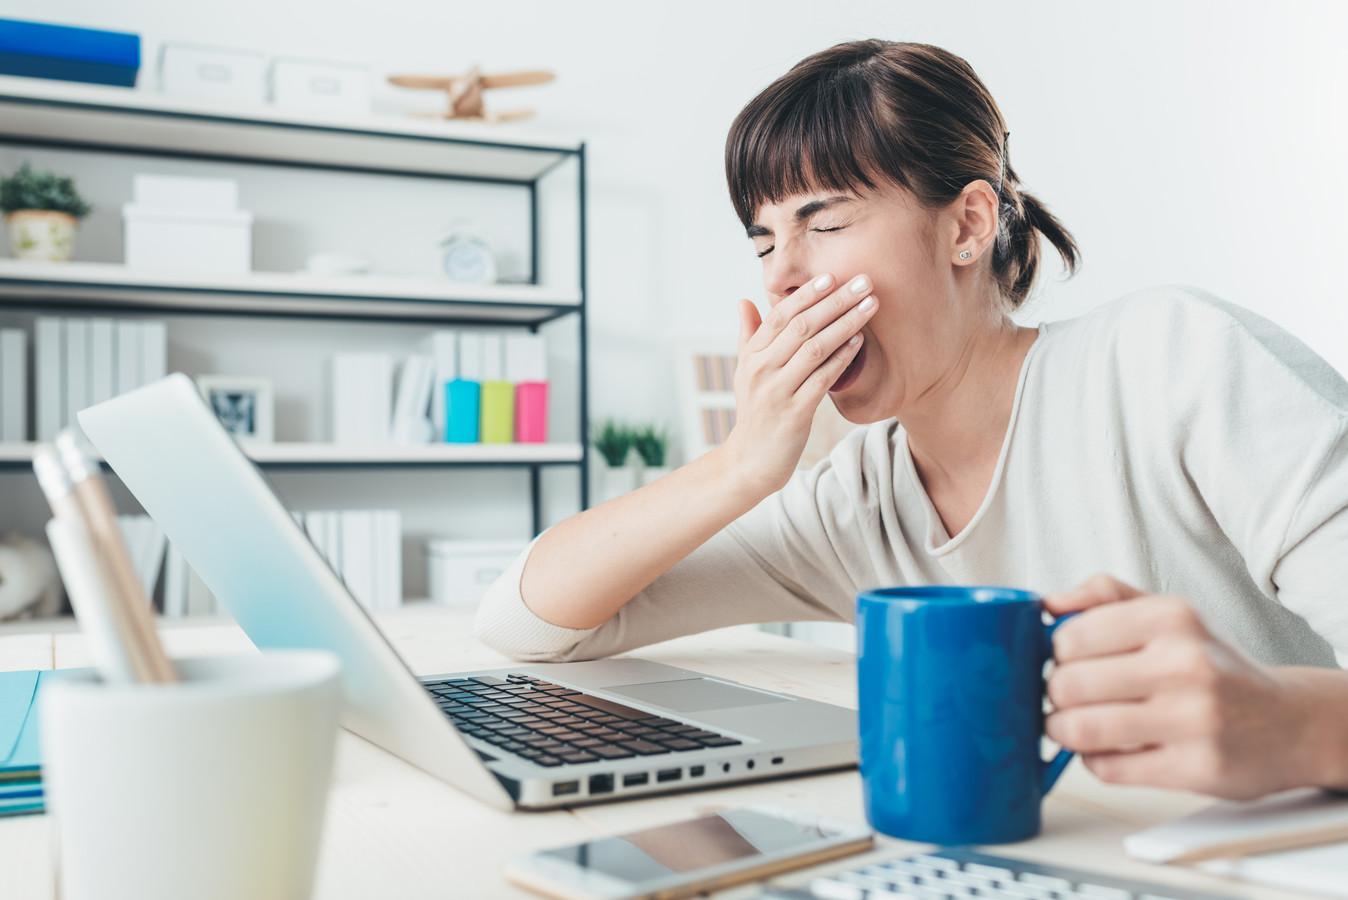 Niet zelden drinken mensen koffie om wakker te blijven.